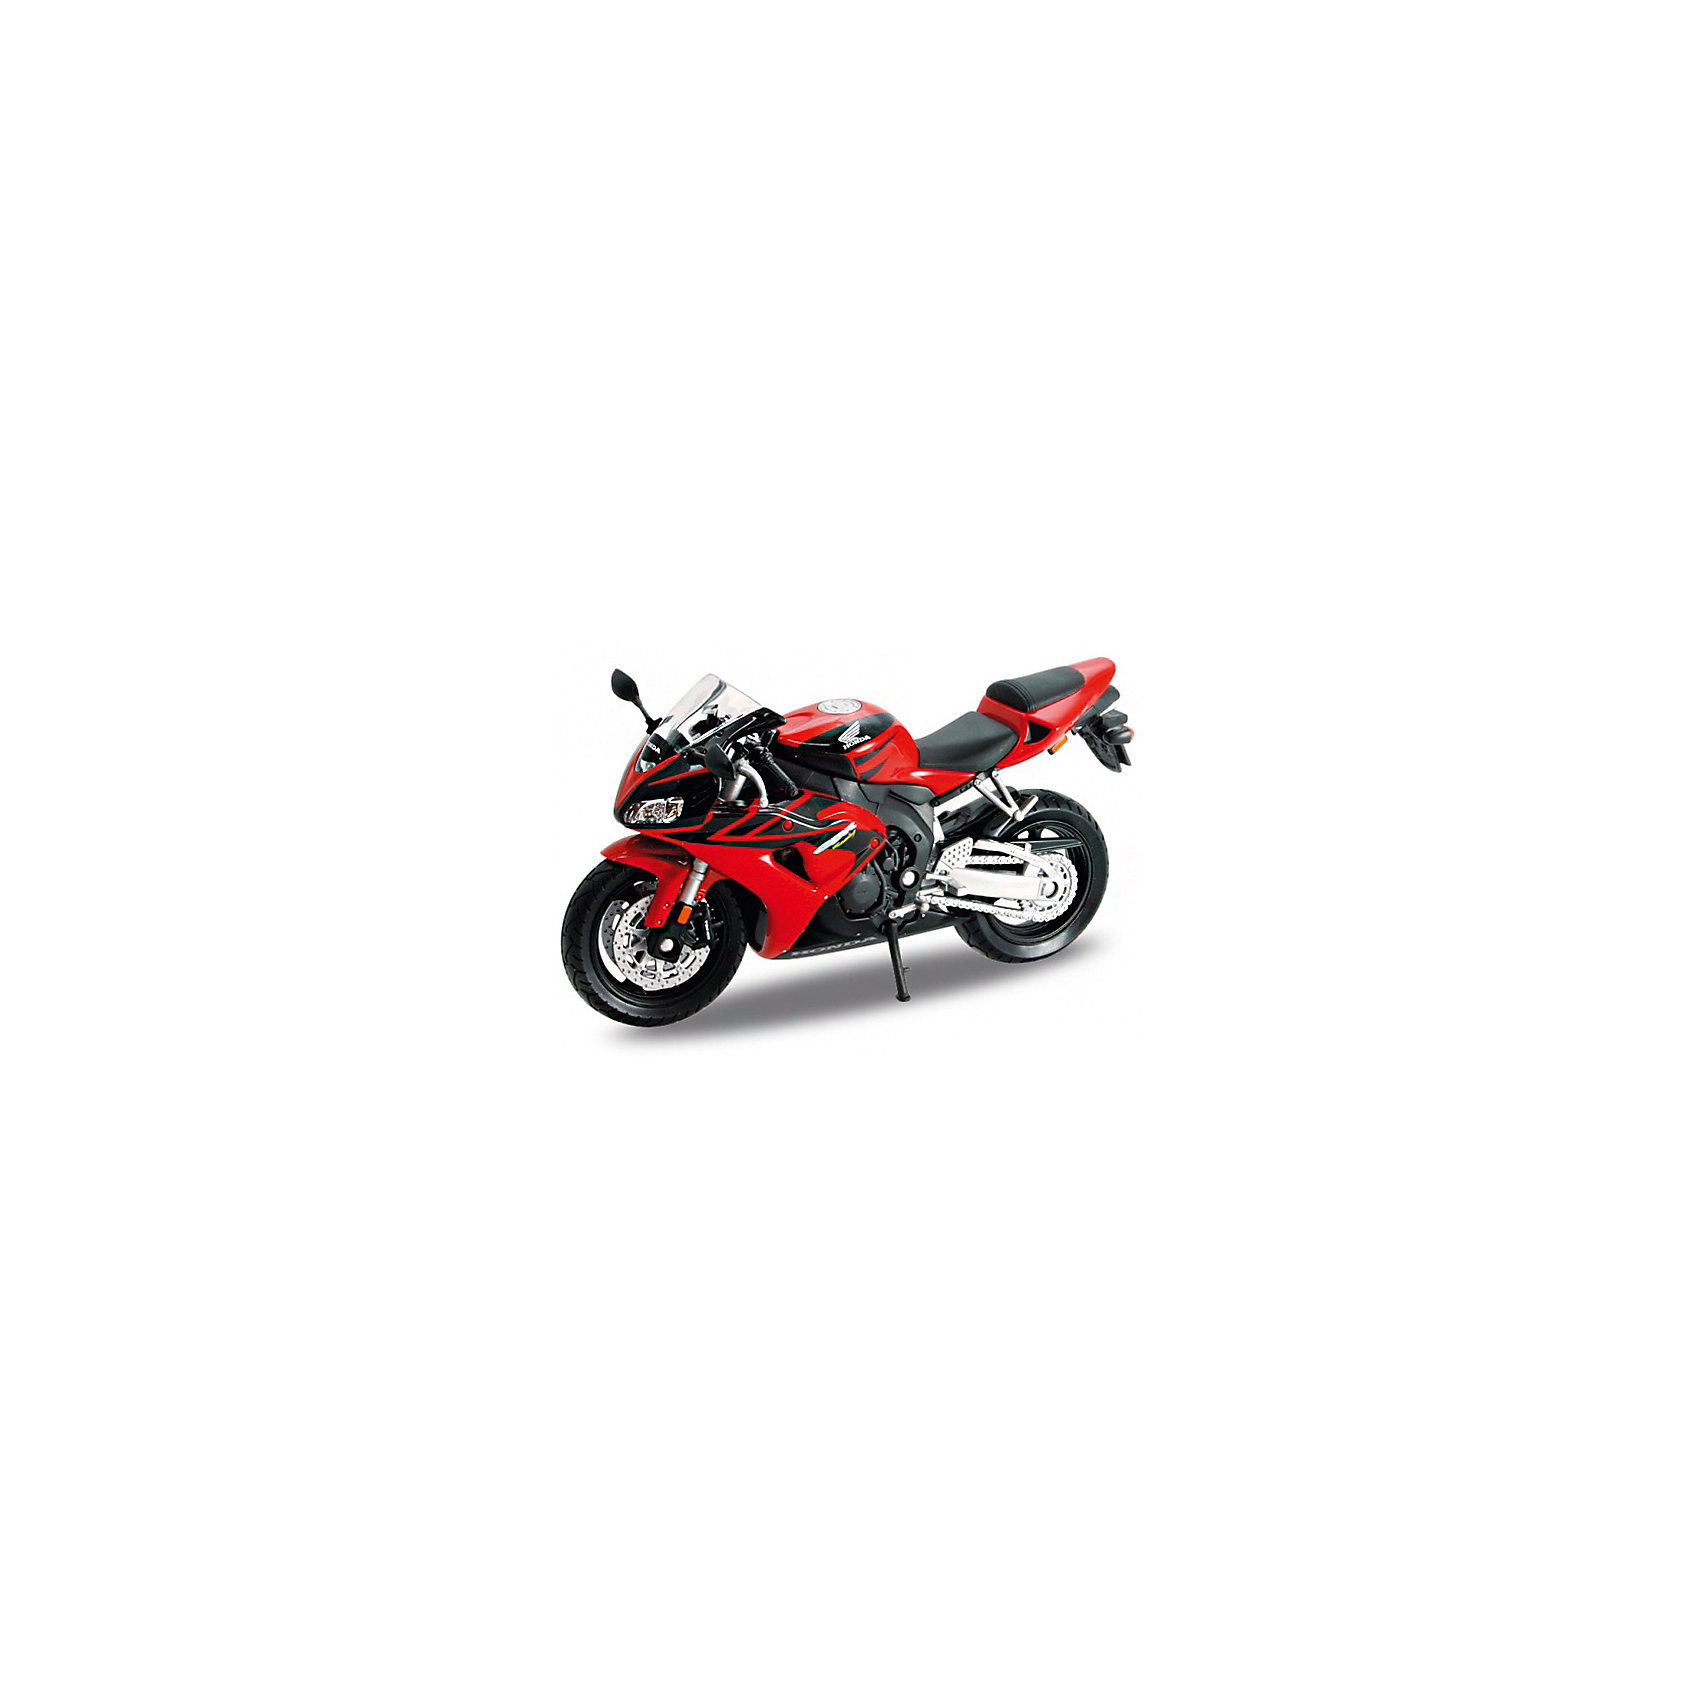 Модель мотоцикла 1:18 Honda CBR1000RR, WellyКоллекционные модели<br>Модель мотоцикла Welly масштаба 1:18 HONDA CBR1000RR выполнена в точном соответствии с оригиналом. Все коллекционные модели Велли очень точные, т.к. создаются по лицензии автопроизводителя.<br><br>Ширина мм: 70<br>Глубина мм: 110<br>Высота мм: 170<br>Вес г: 148<br>Возраст от месяцев: 36<br>Возраст до месяцев: 192<br>Пол: Мужской<br>Возраст: Детский<br>SKU: 4966474